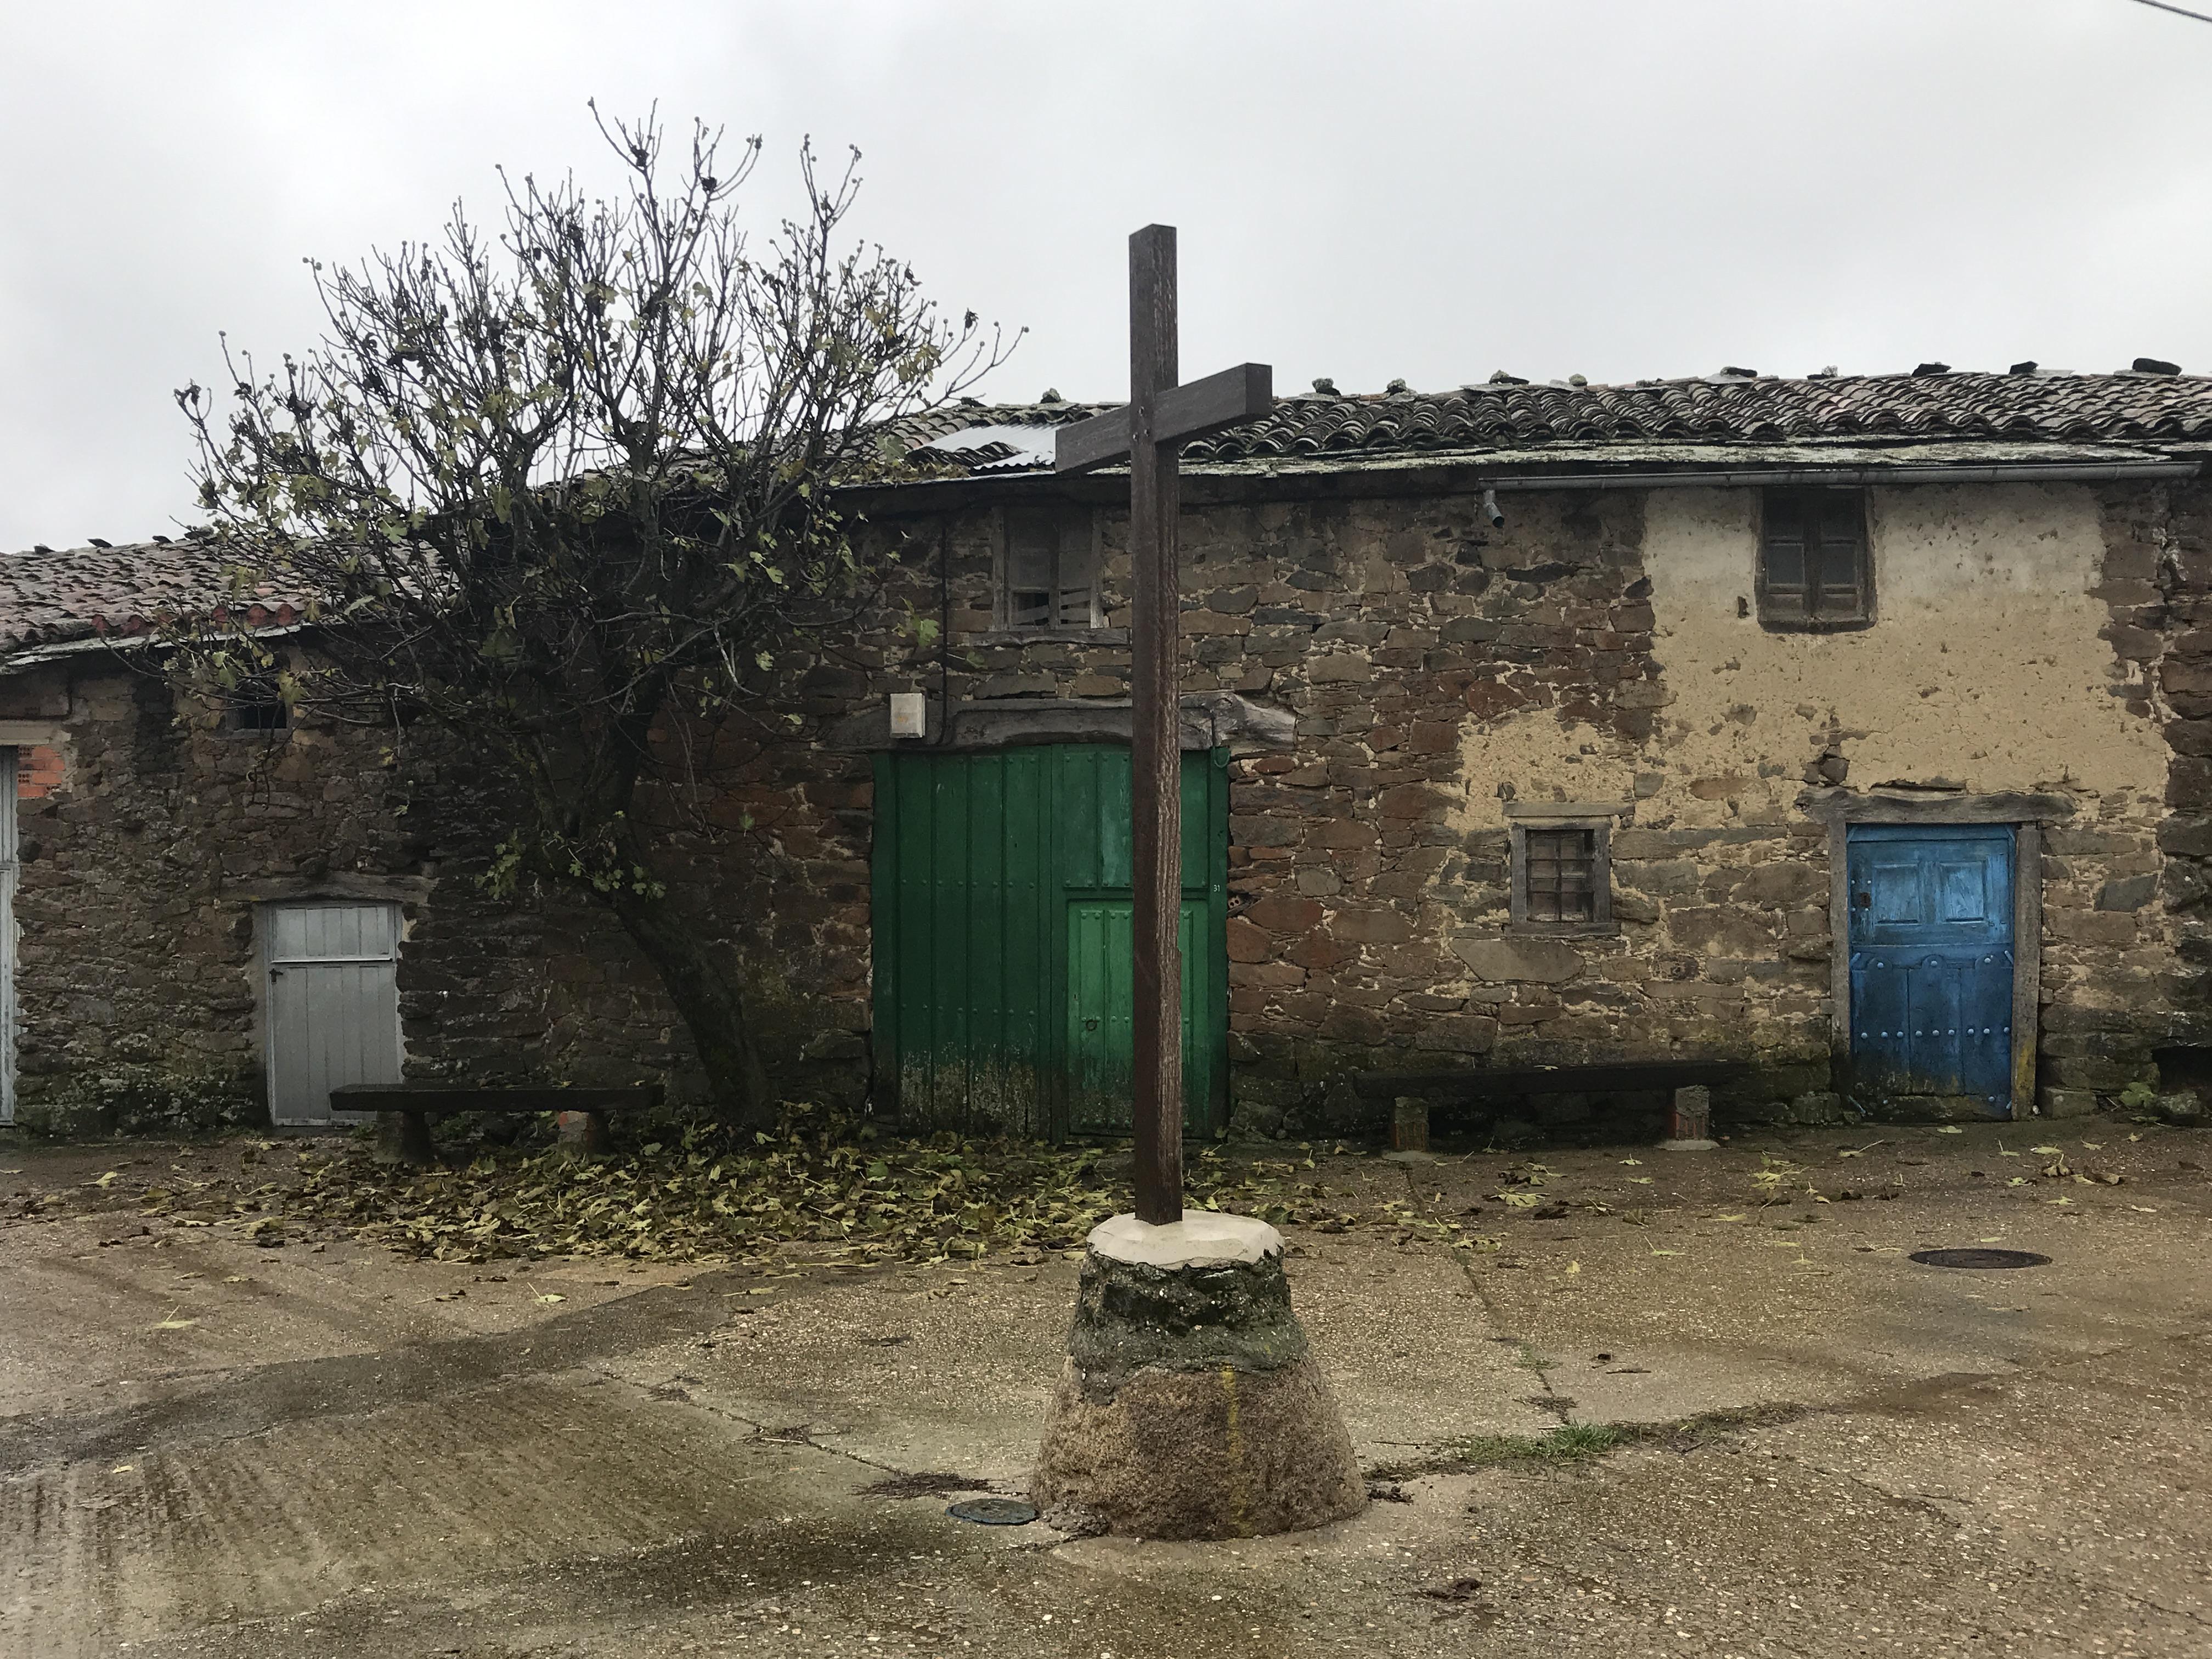 Higuera Ficus carica Las Obreras de Aliste CB Artesanos de la Miel Aliste Gallegos del Campo Artesanos de la Miel